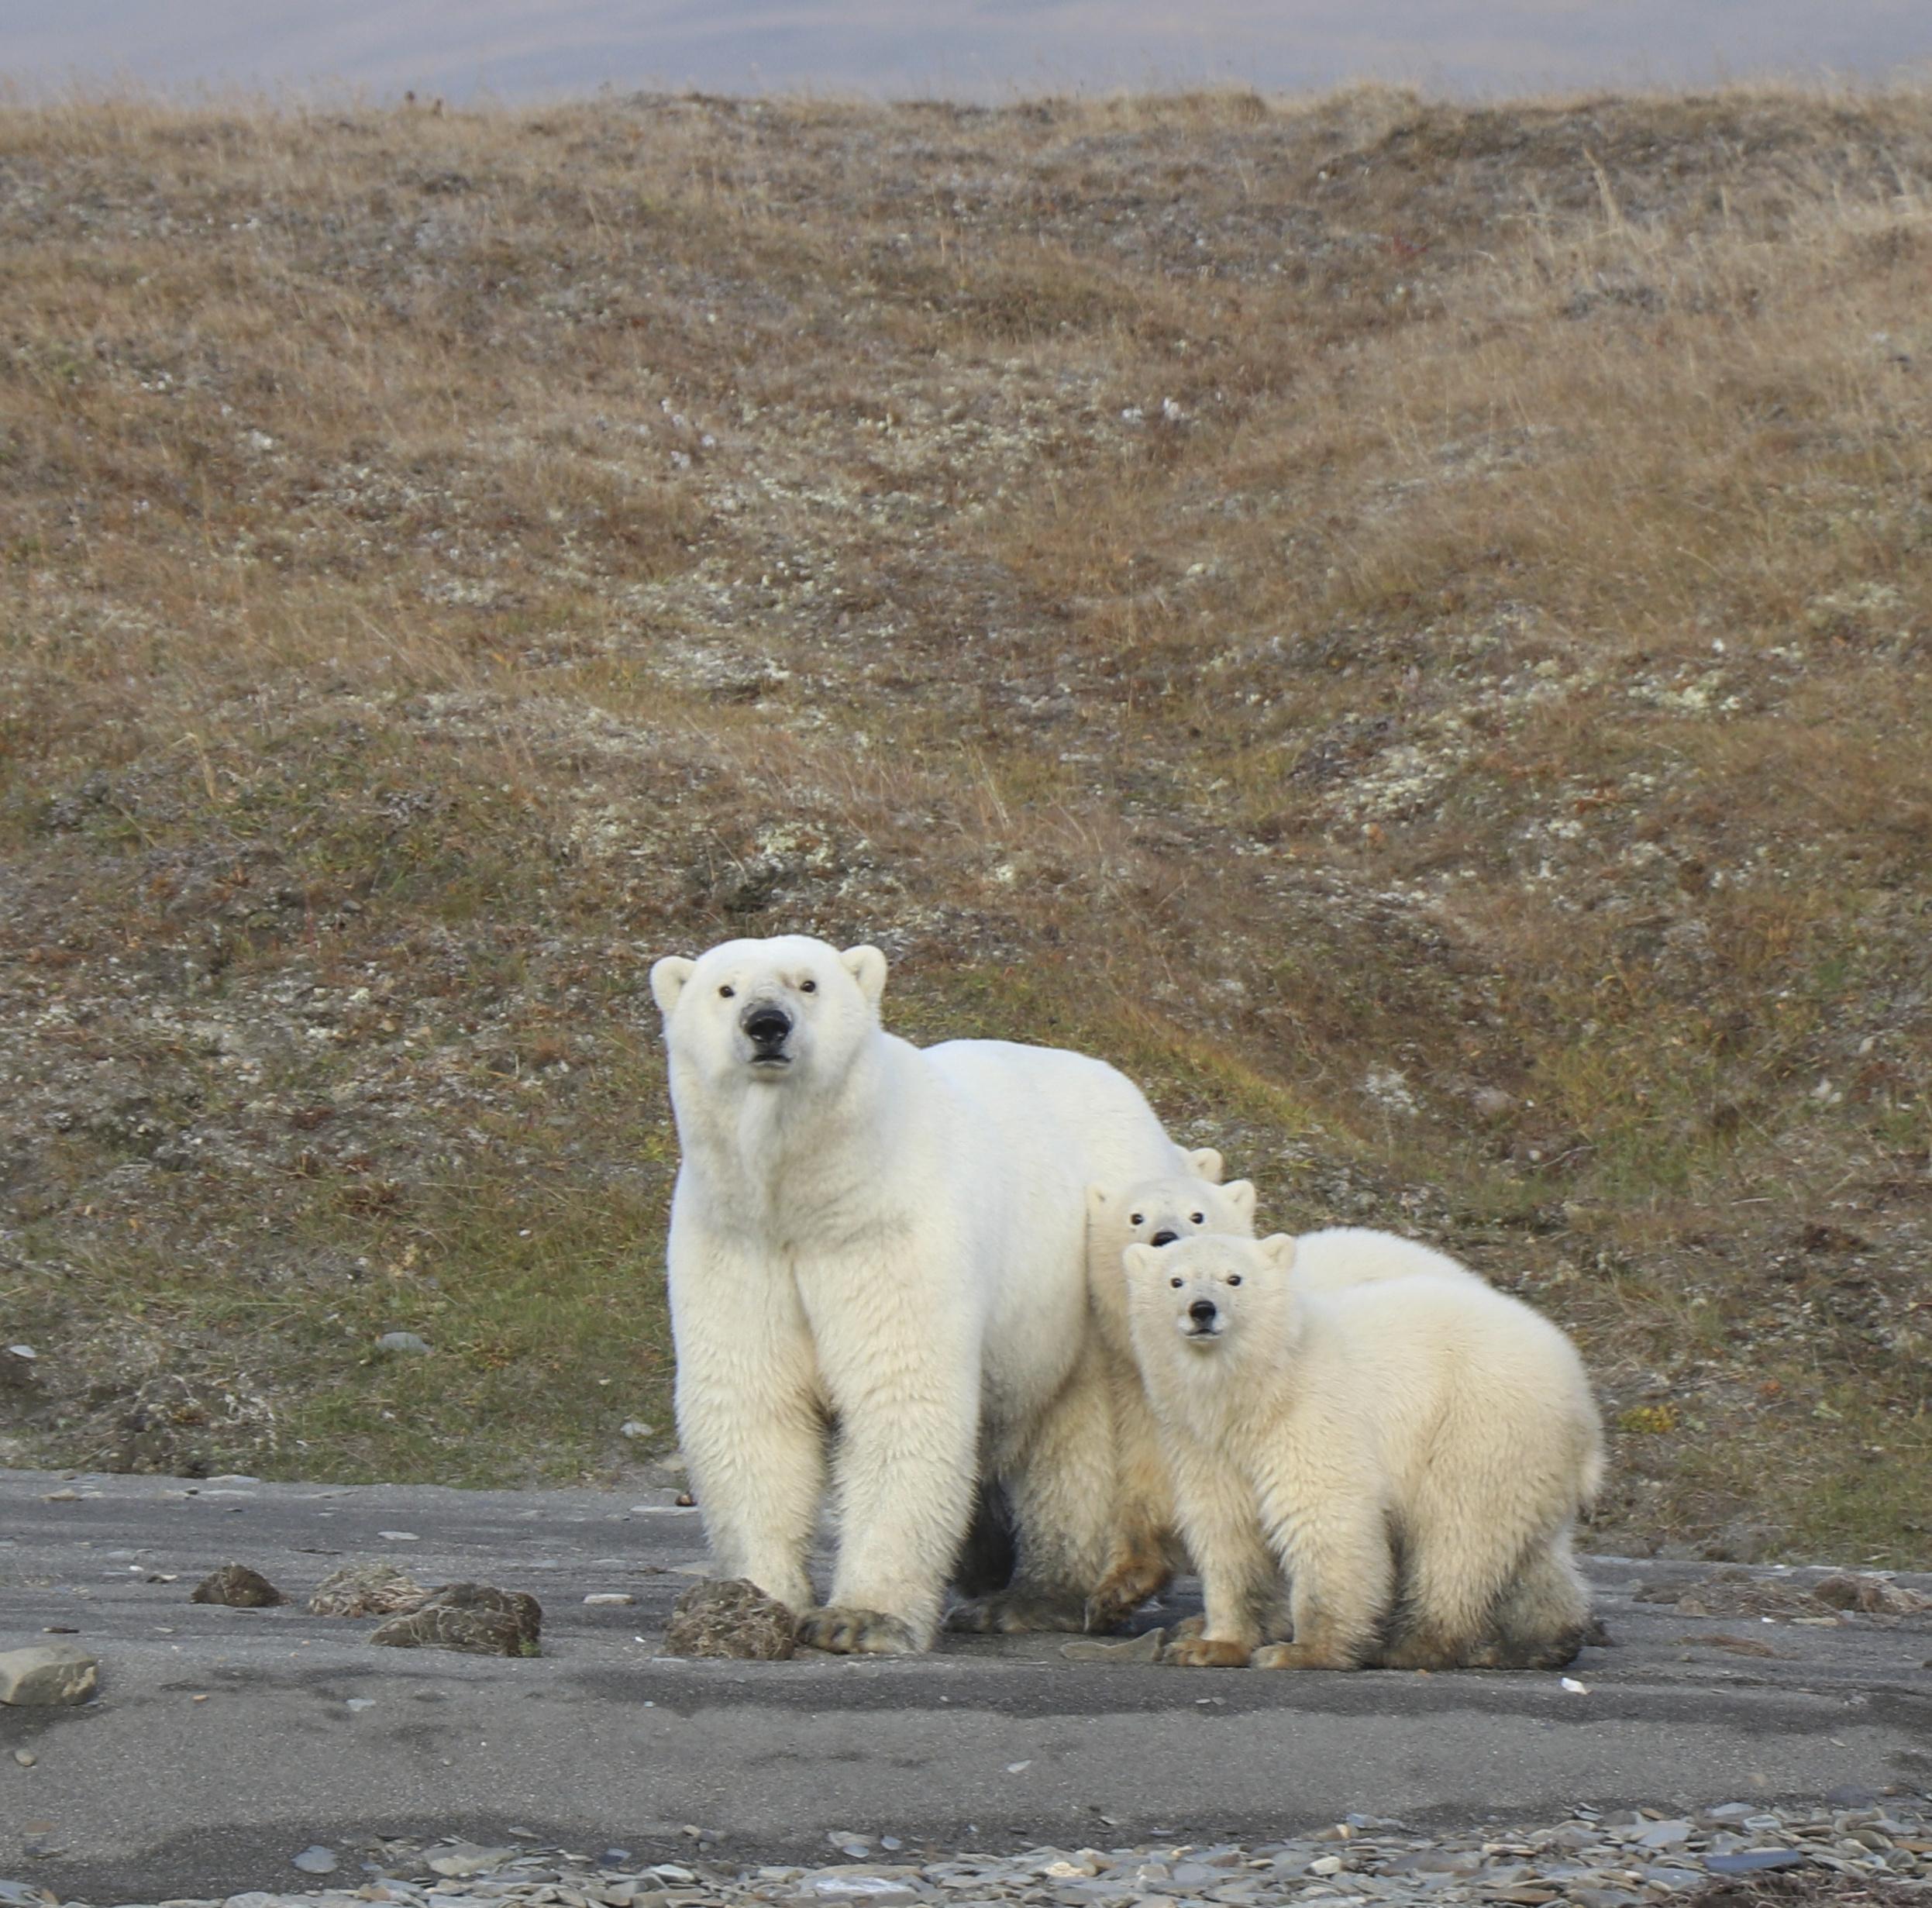 Study finds healthy group of polar bears in sea near Alaska